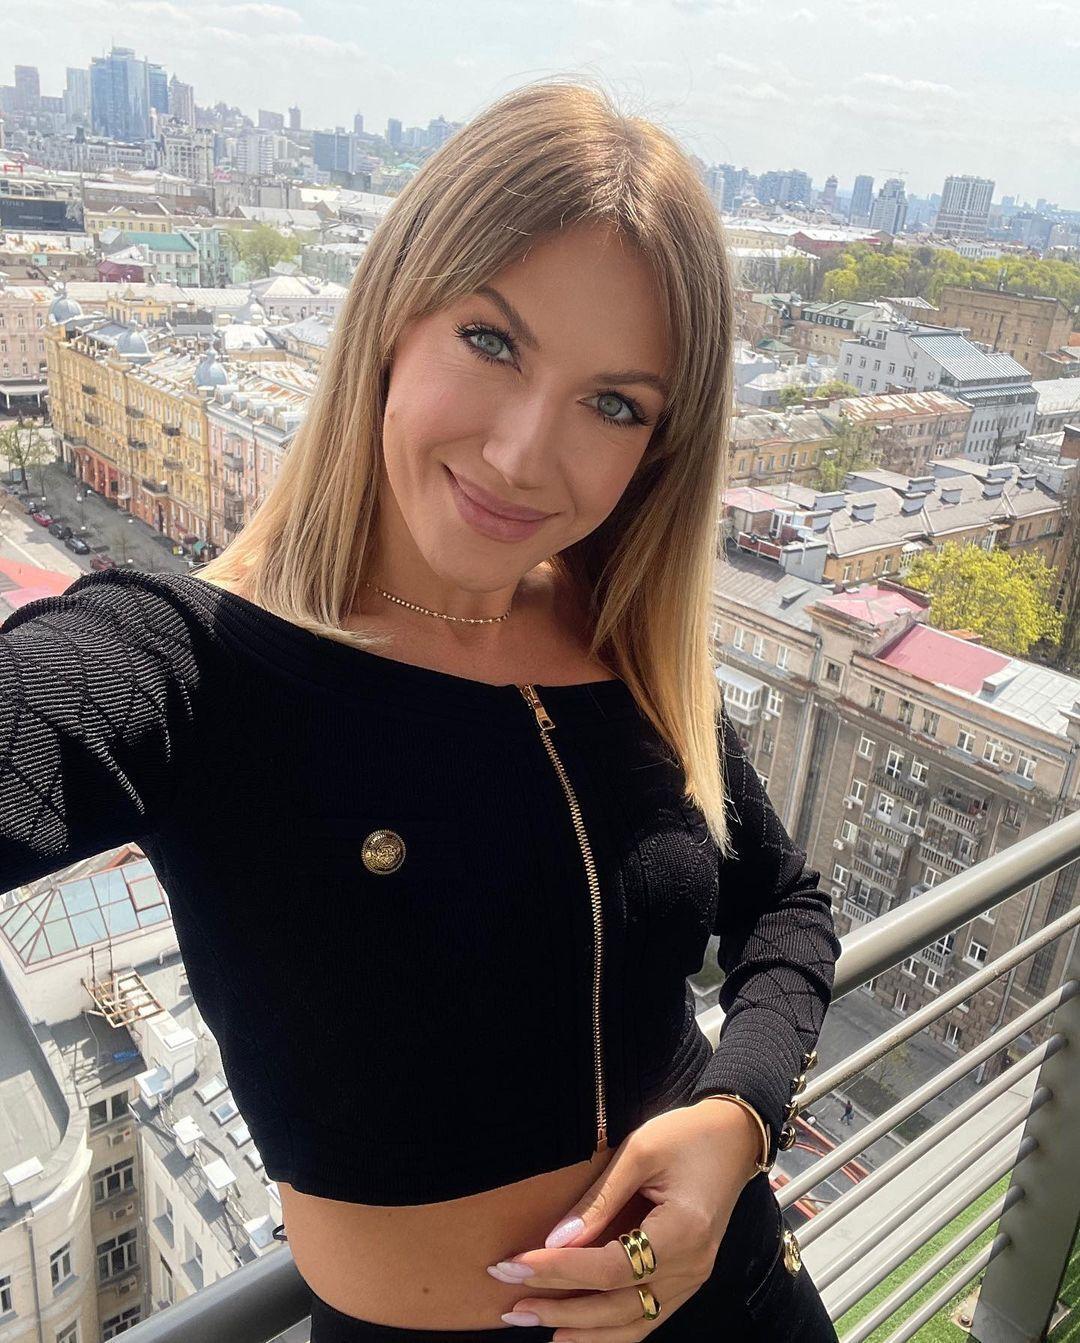 Леся Нікітюк позувала в короткому чорному топі